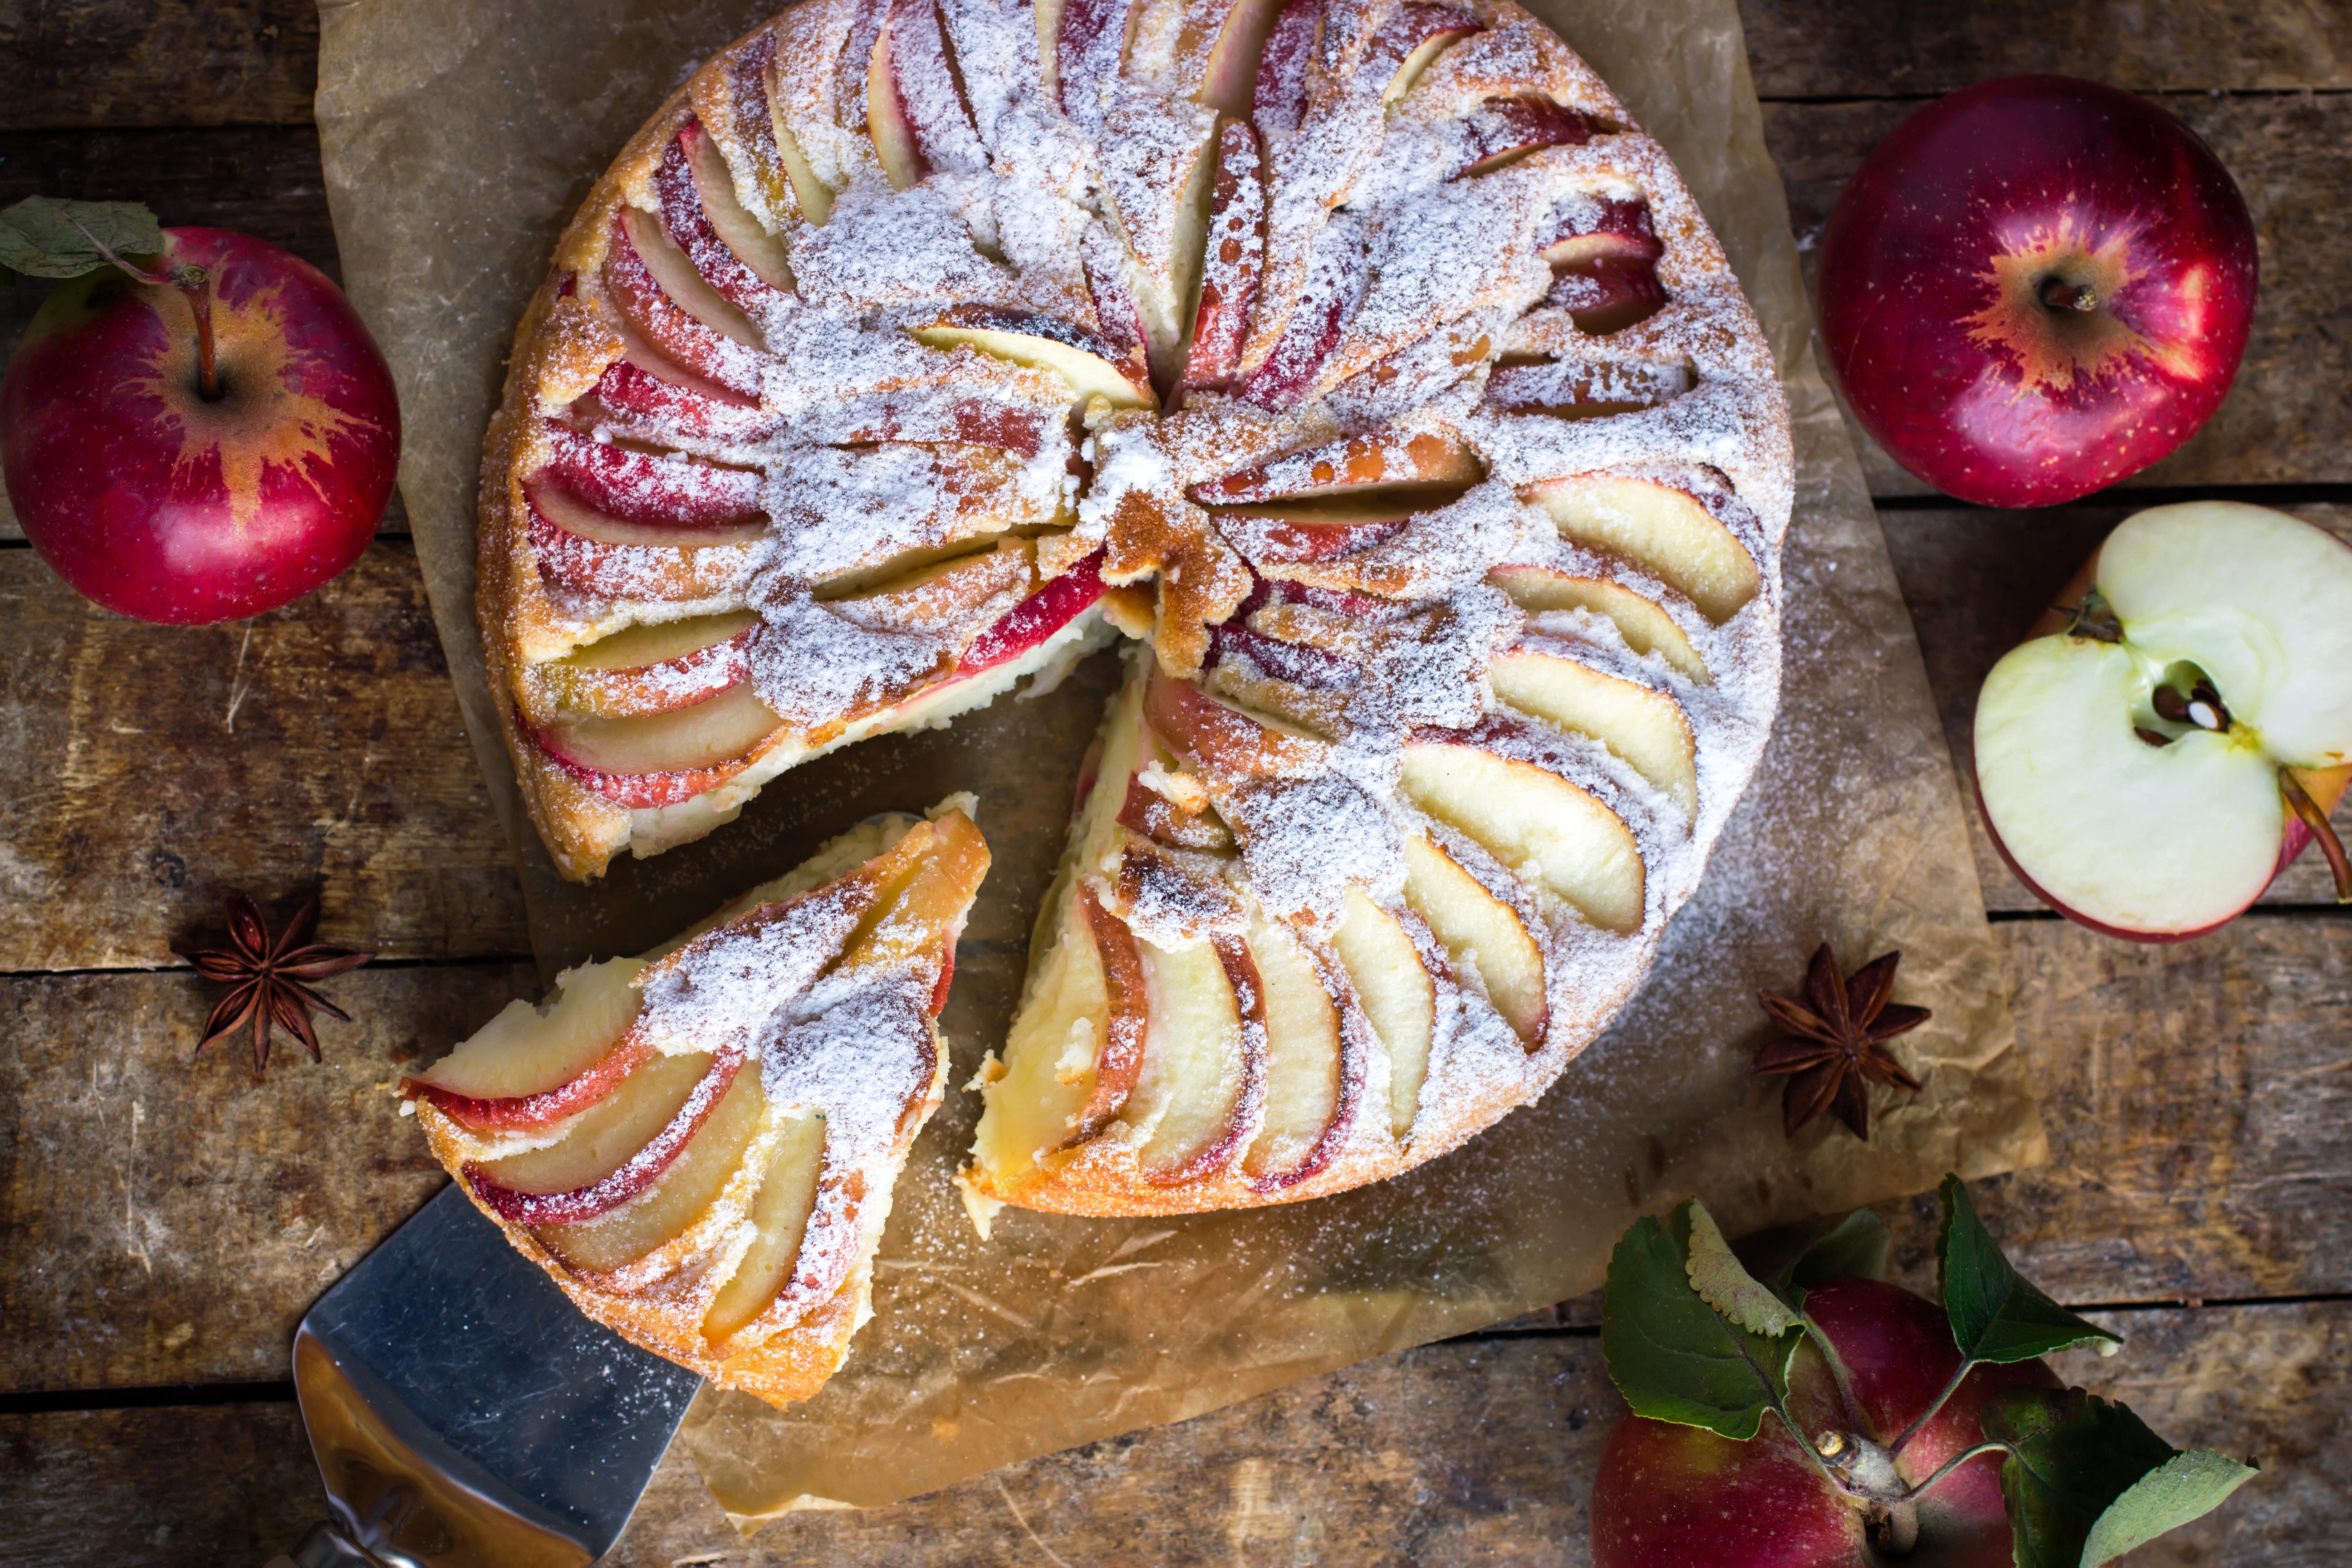 ванной, картинки яблочных пирожков тем как